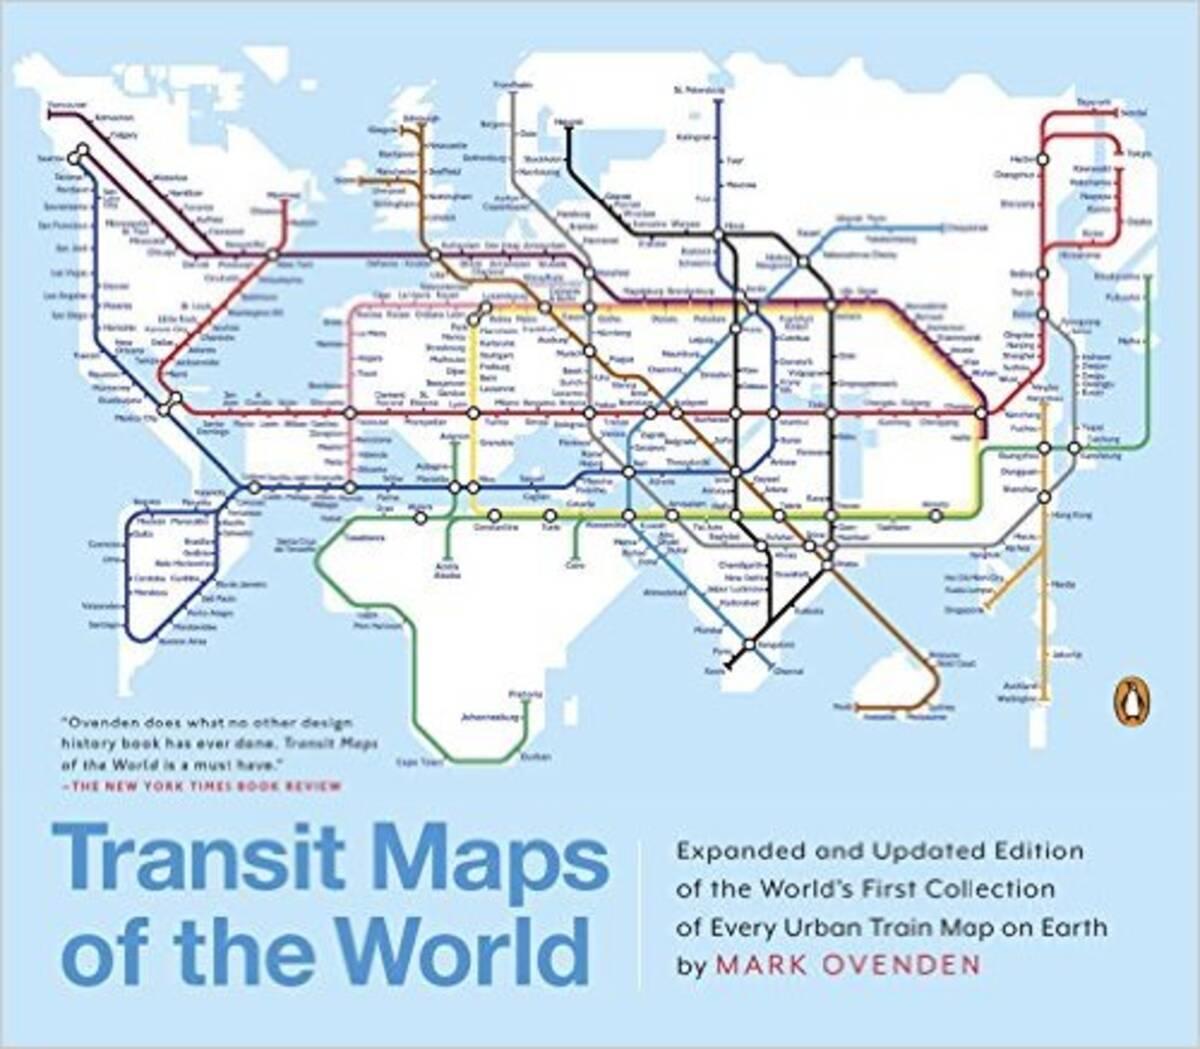 電車路線図を「縦・横・斜め」の線にデザインしたのは誰か ...